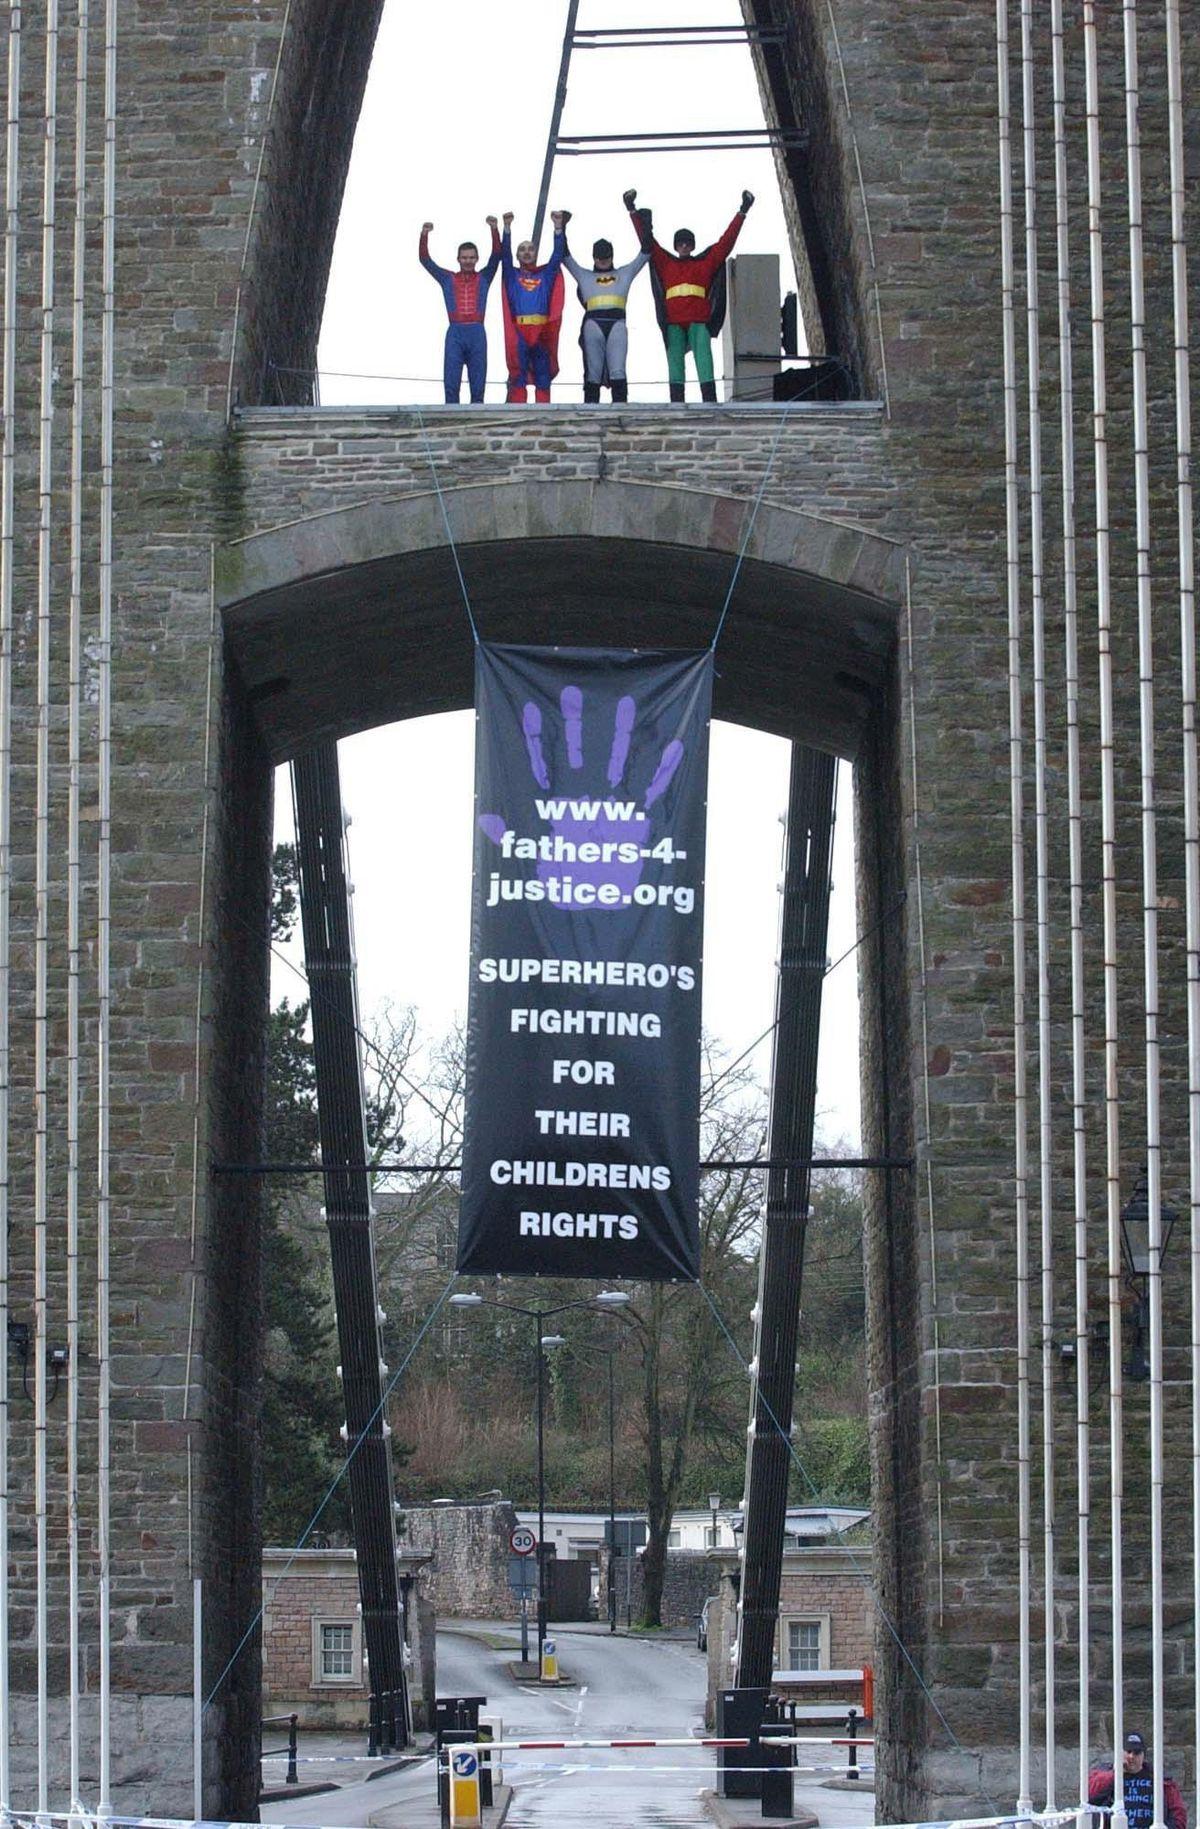 Members at Clifton Suspension Bridge